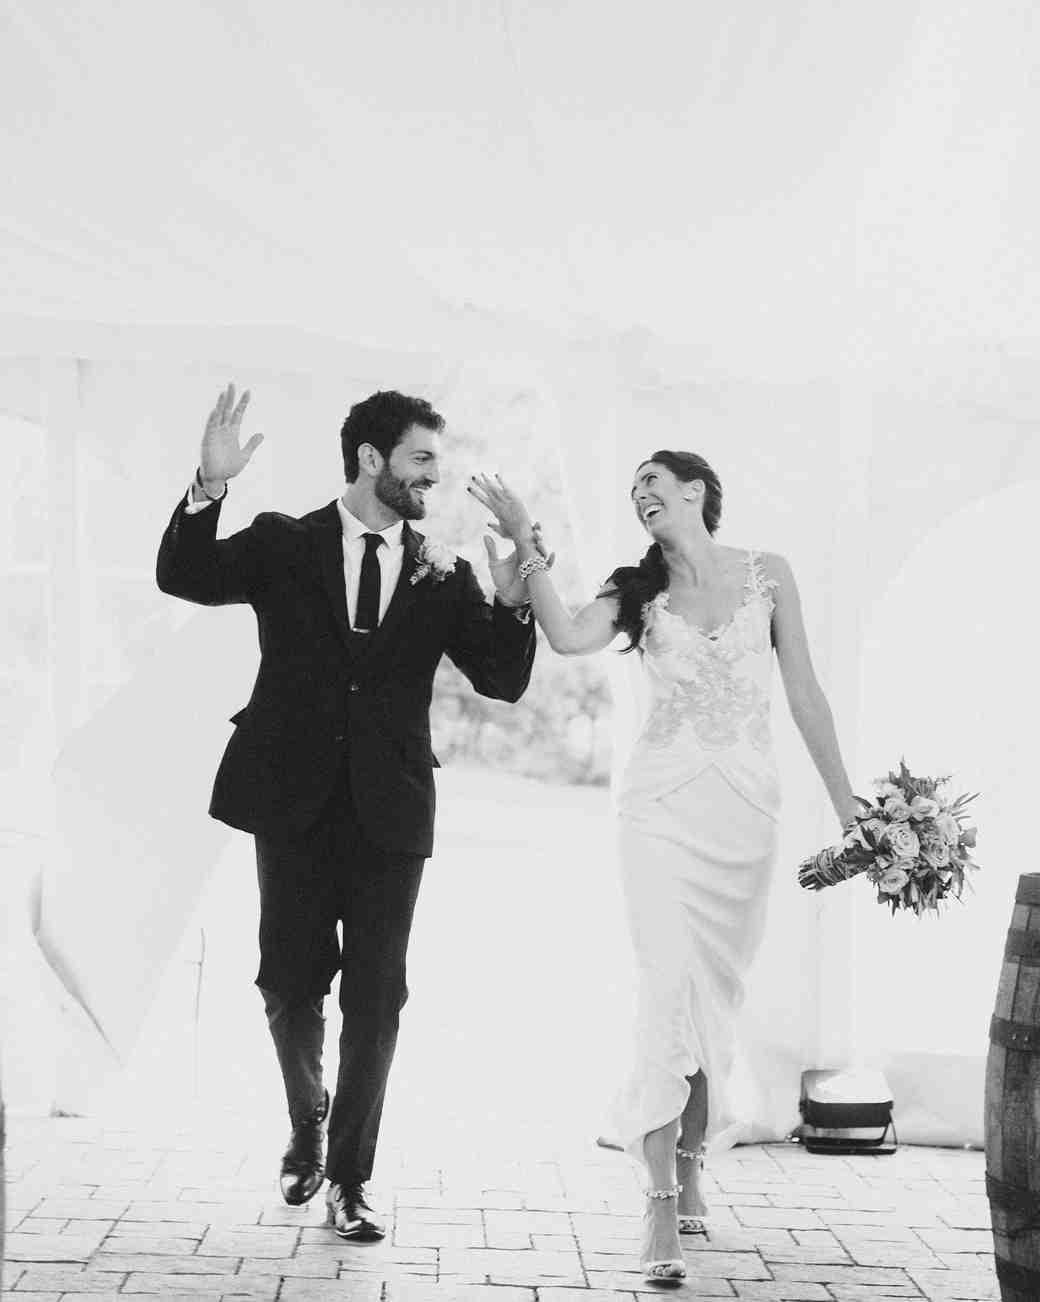 rosie-constantine-wedding-introduction-435-s112177-1015.jpg